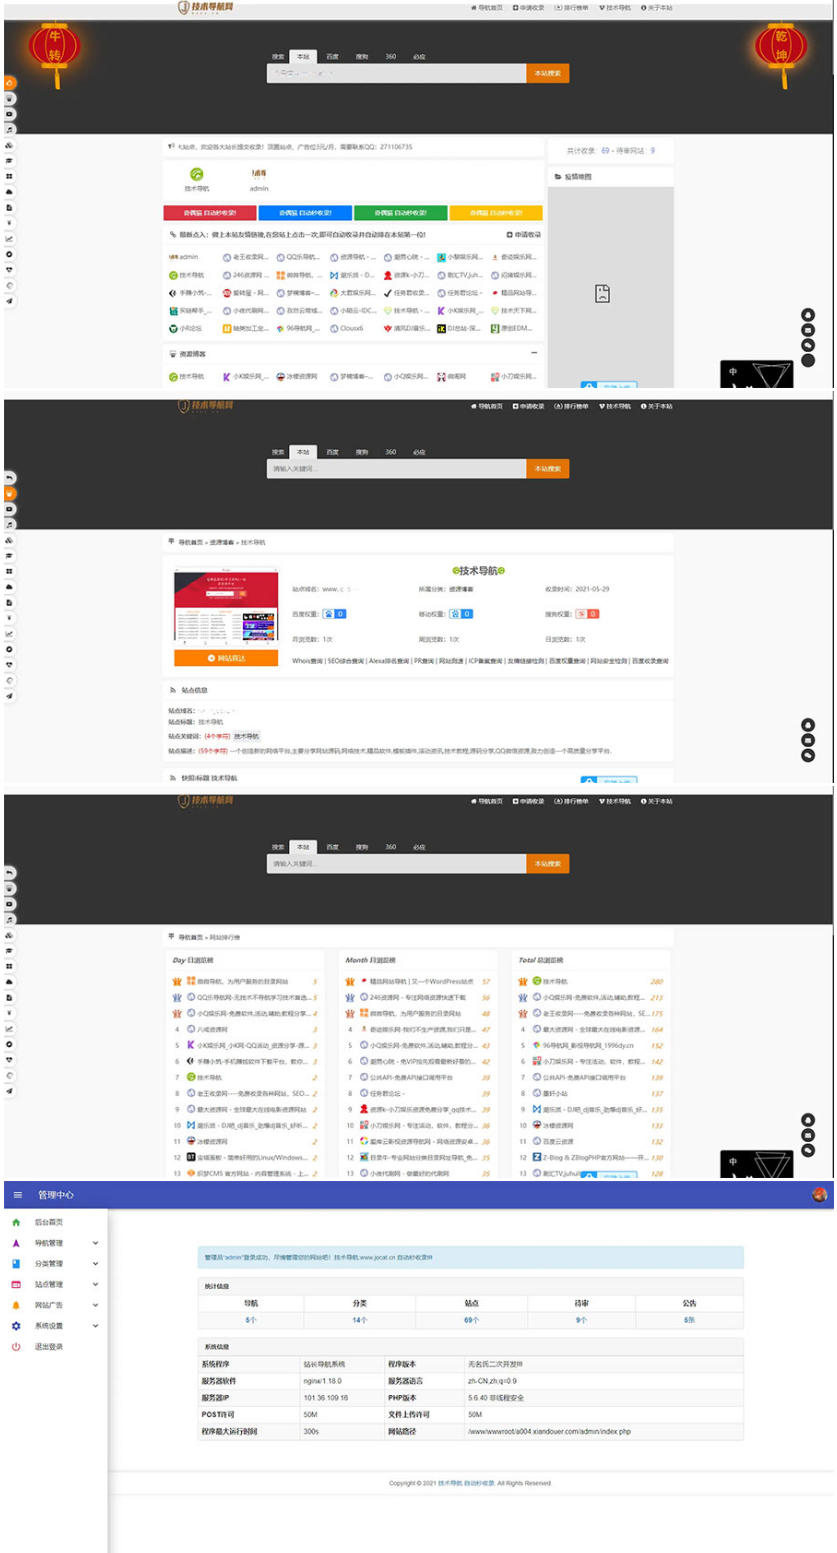 PHP美化版二开站长技术导航网站系统源码-爱资源分享